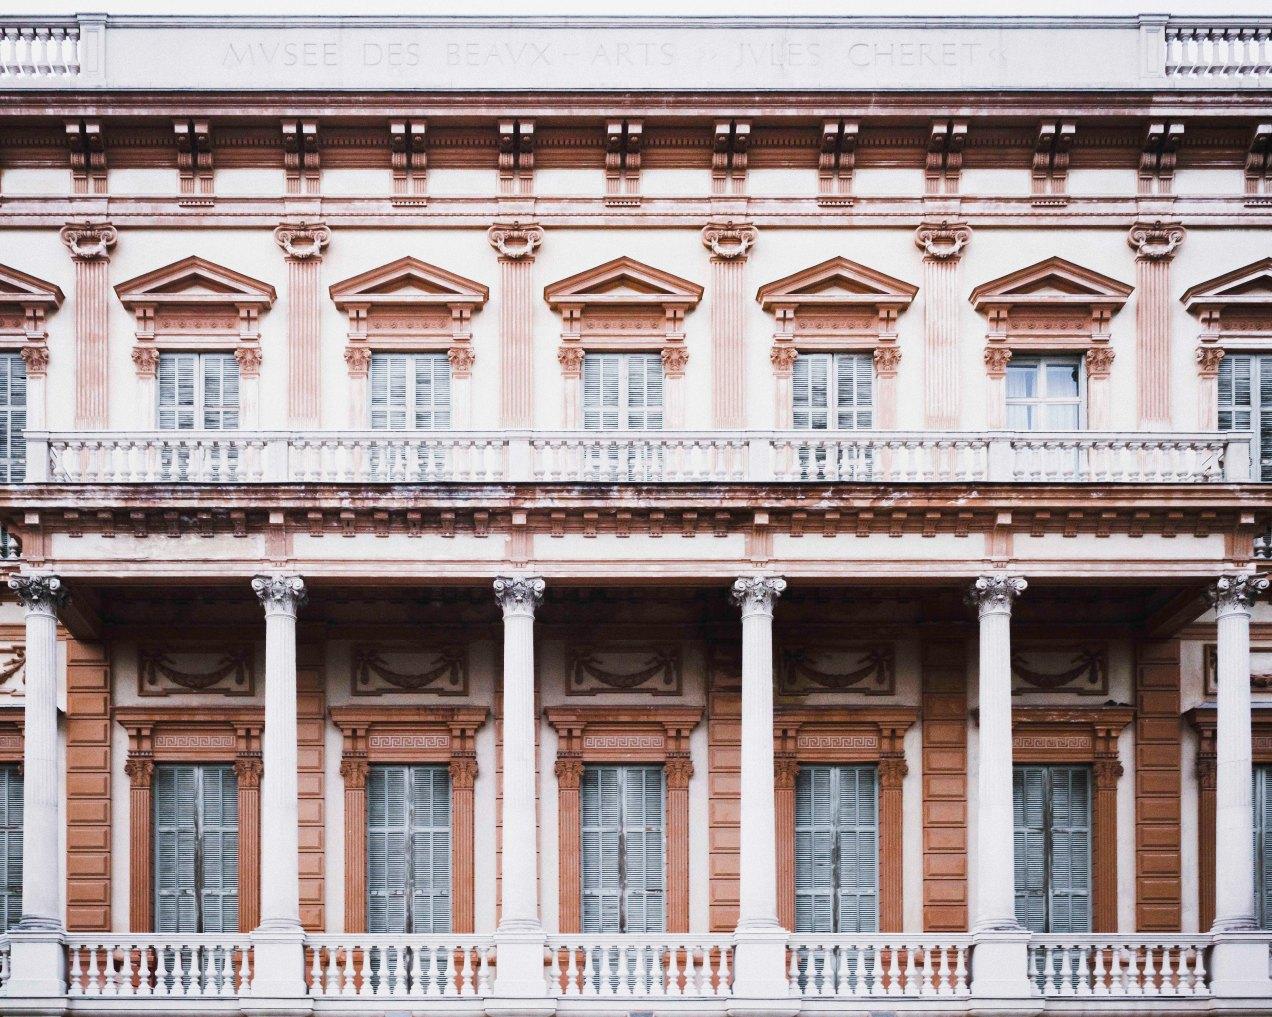 Palais des Beaux-Arts, Nice, gildalliere,2018-Modifier.jpg